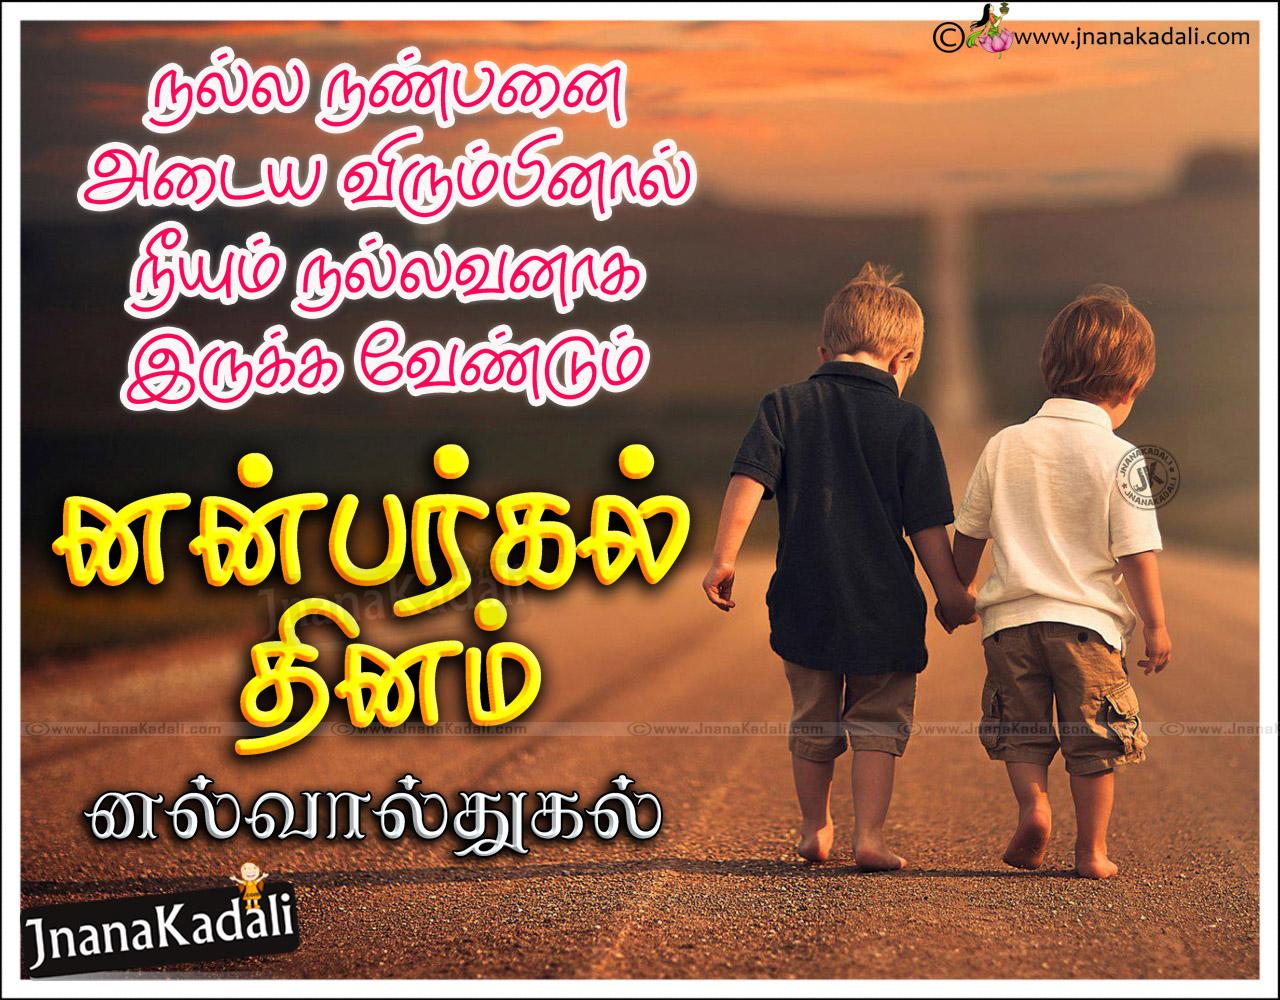 MAA TV Serials Latest Episodes Watch Online - NetTV4U Tamil friendship kavithai photos